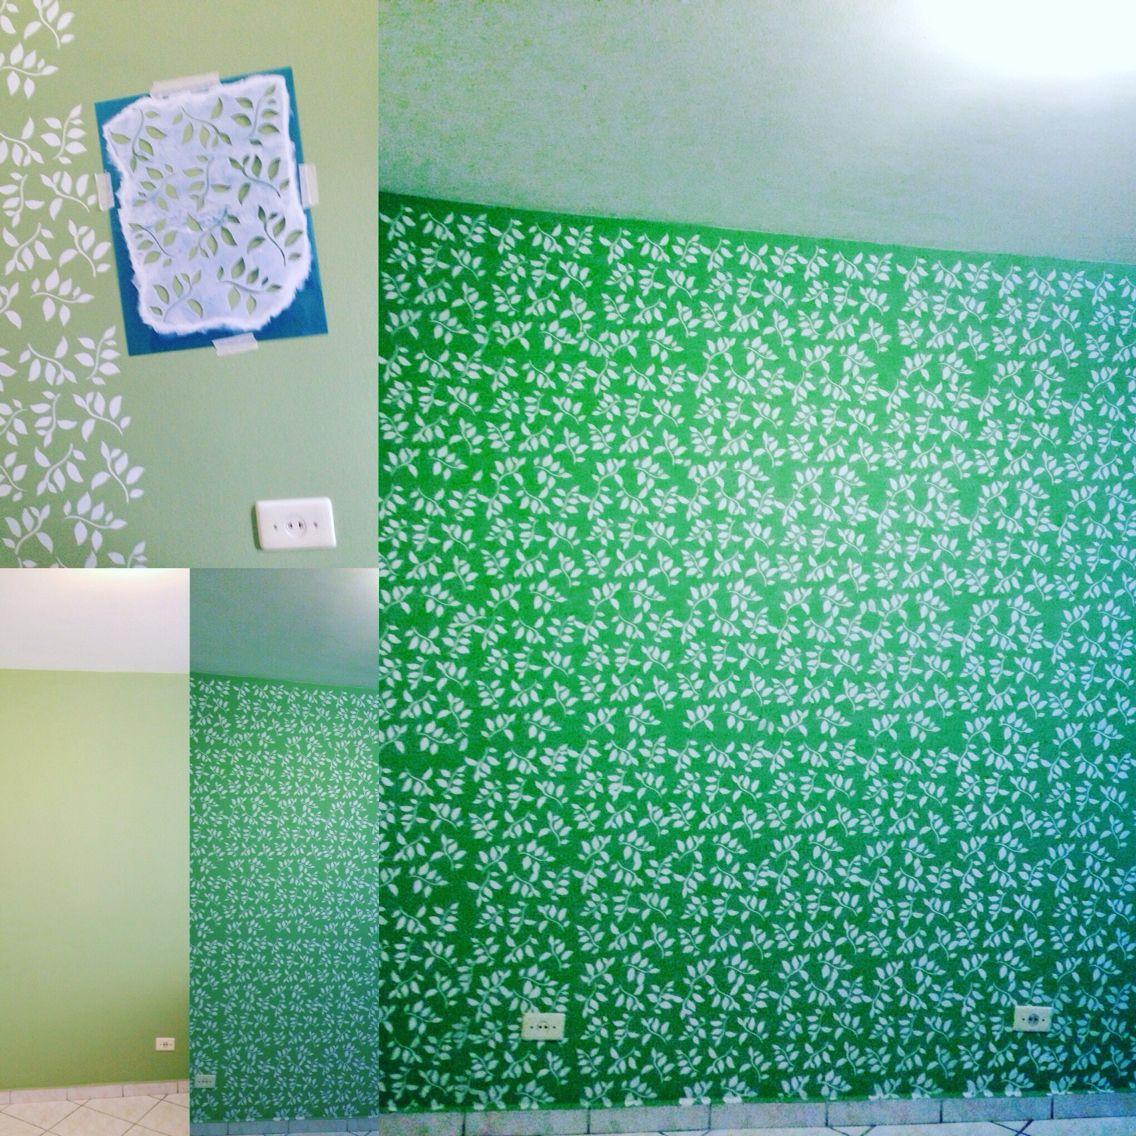 Decorando parede gastando pouquíssimo com #fassavcmesmo #stencil muito simples e fácil de fazer